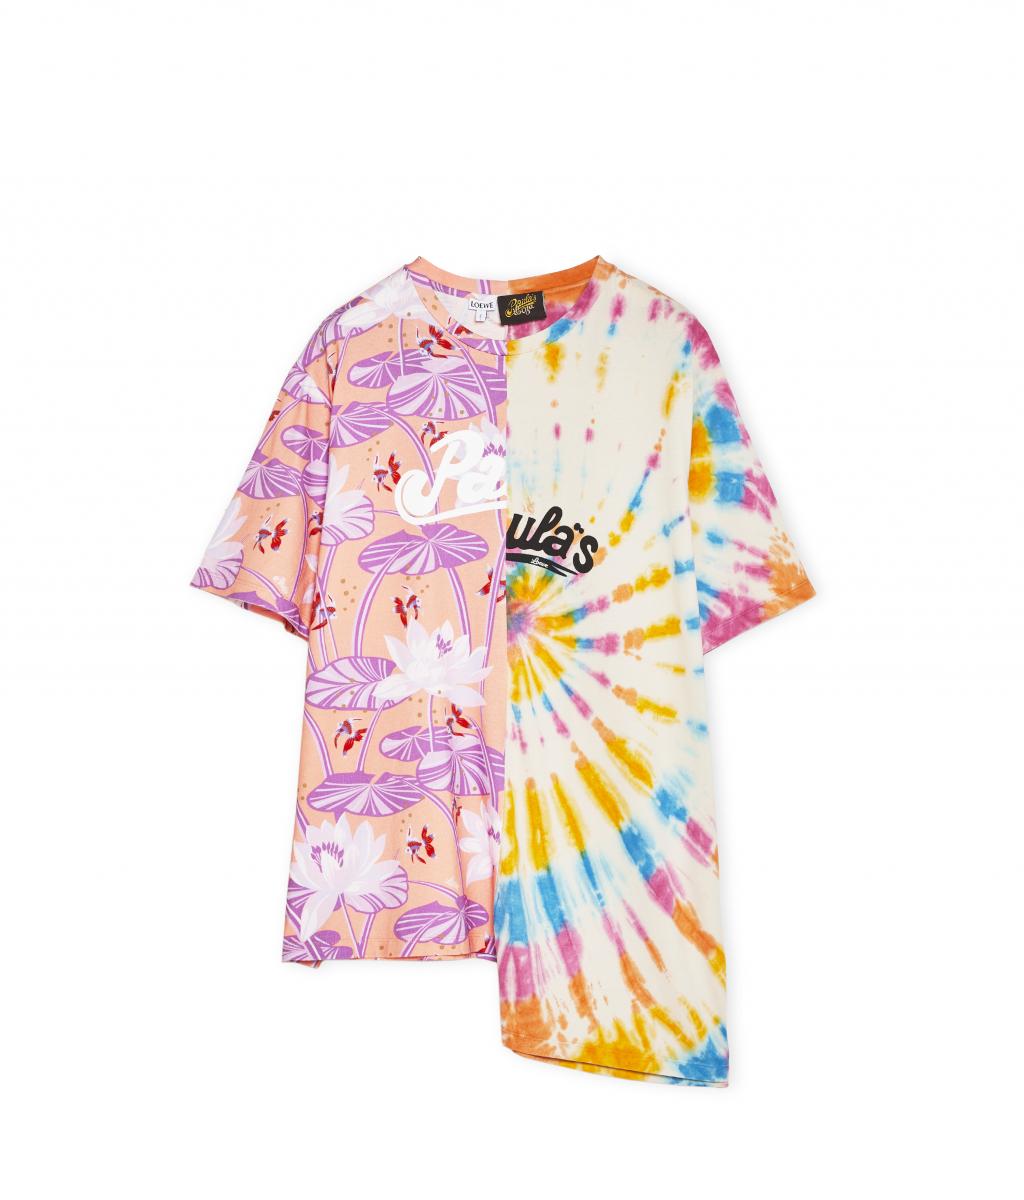 アシンメトリック オーバーサイズ Tシャツ ¥60,000/ロエベ ジャパン クライアントサービス